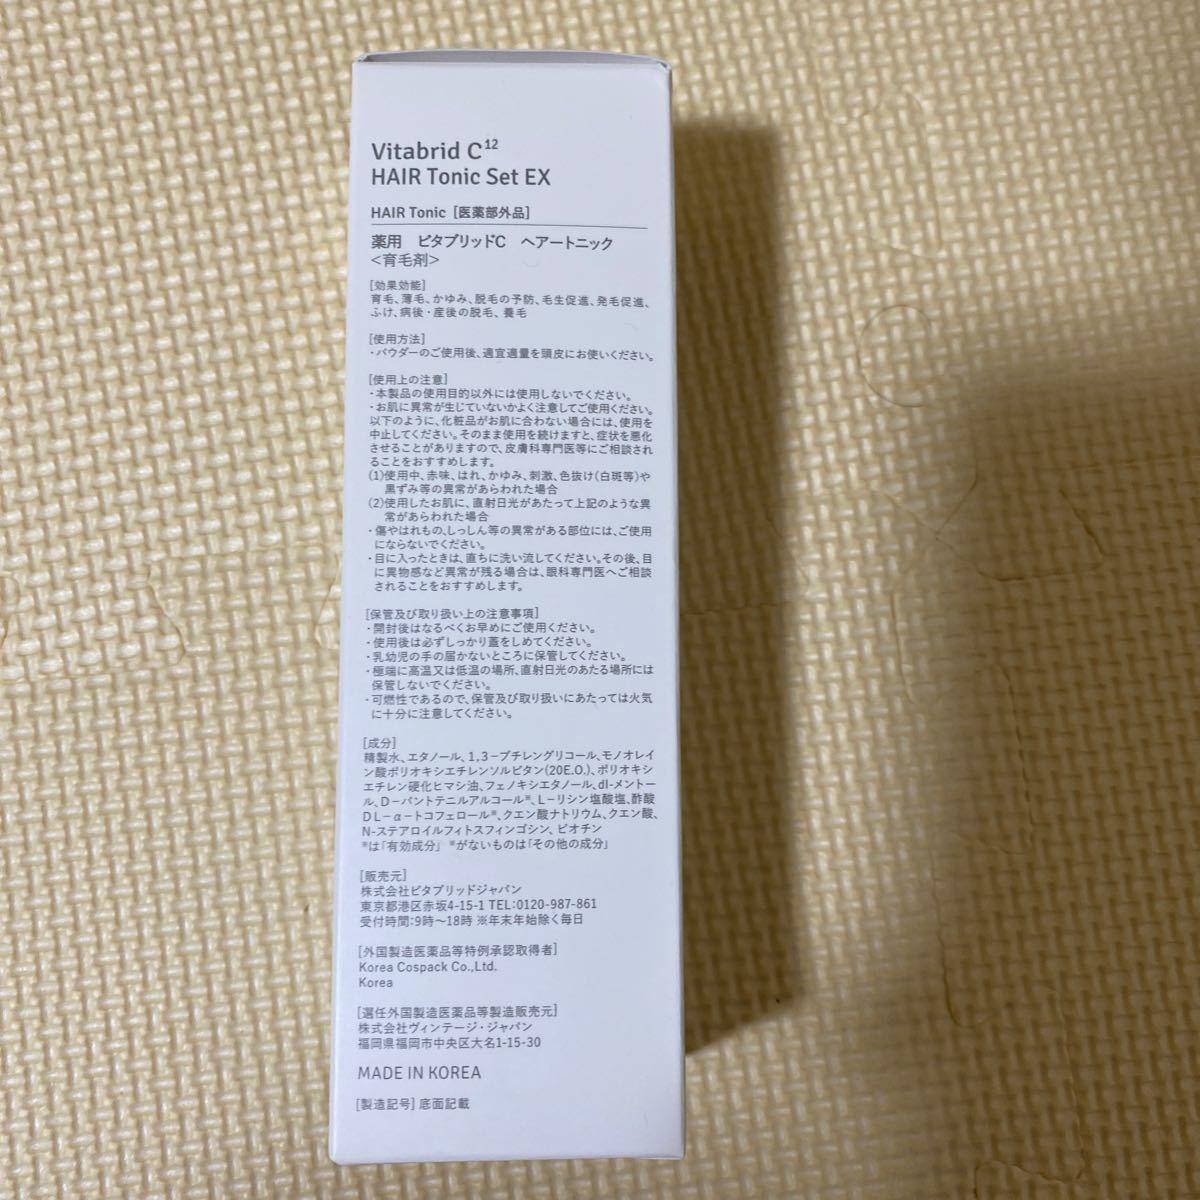 【薬用発毛促進剤】ビタブリッドC ヘアートニックセット EX 110ml/1.5g 発毛 医薬部外品 男女兼用 育毛スカルプケア